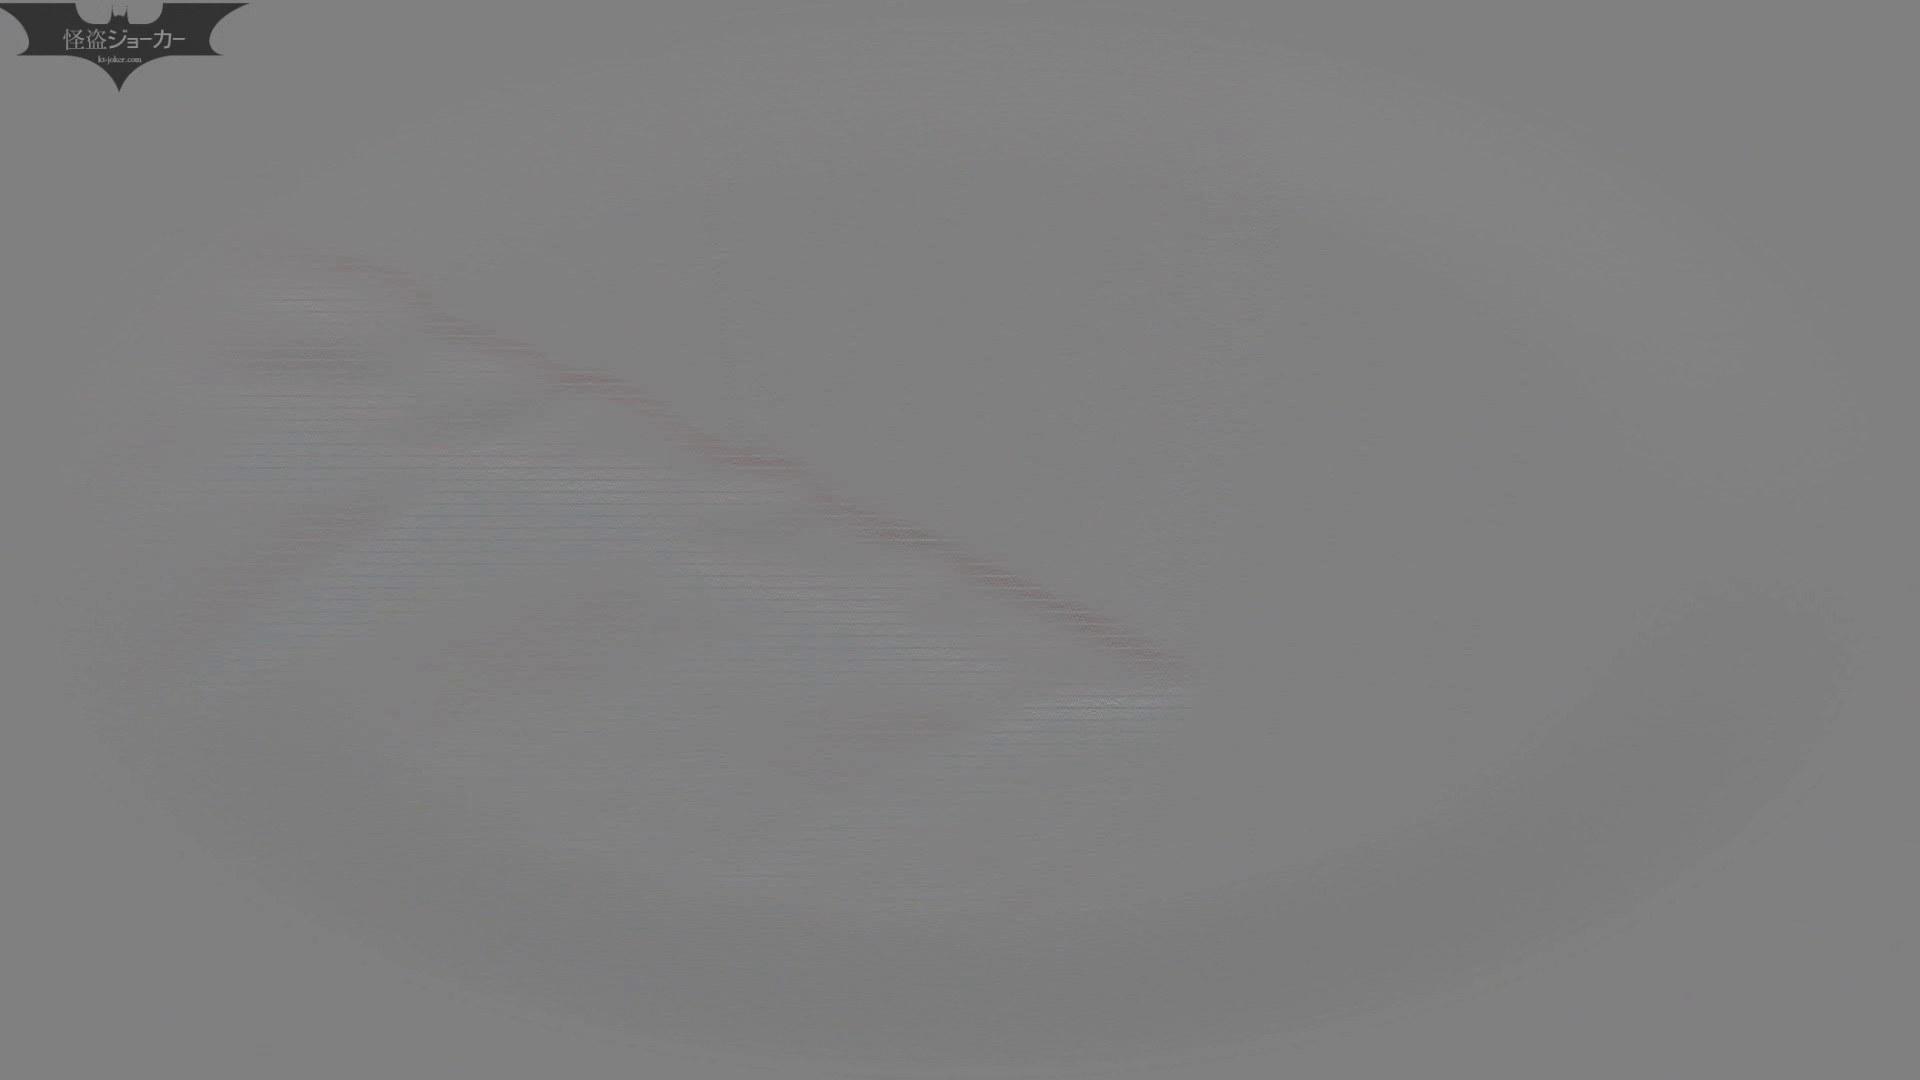 【美しき個室な世界】洗面所特攻隊 vol.046 更に進化【2015・07位】 ギャル攻め おめこ無修正動画無料 91画像 80